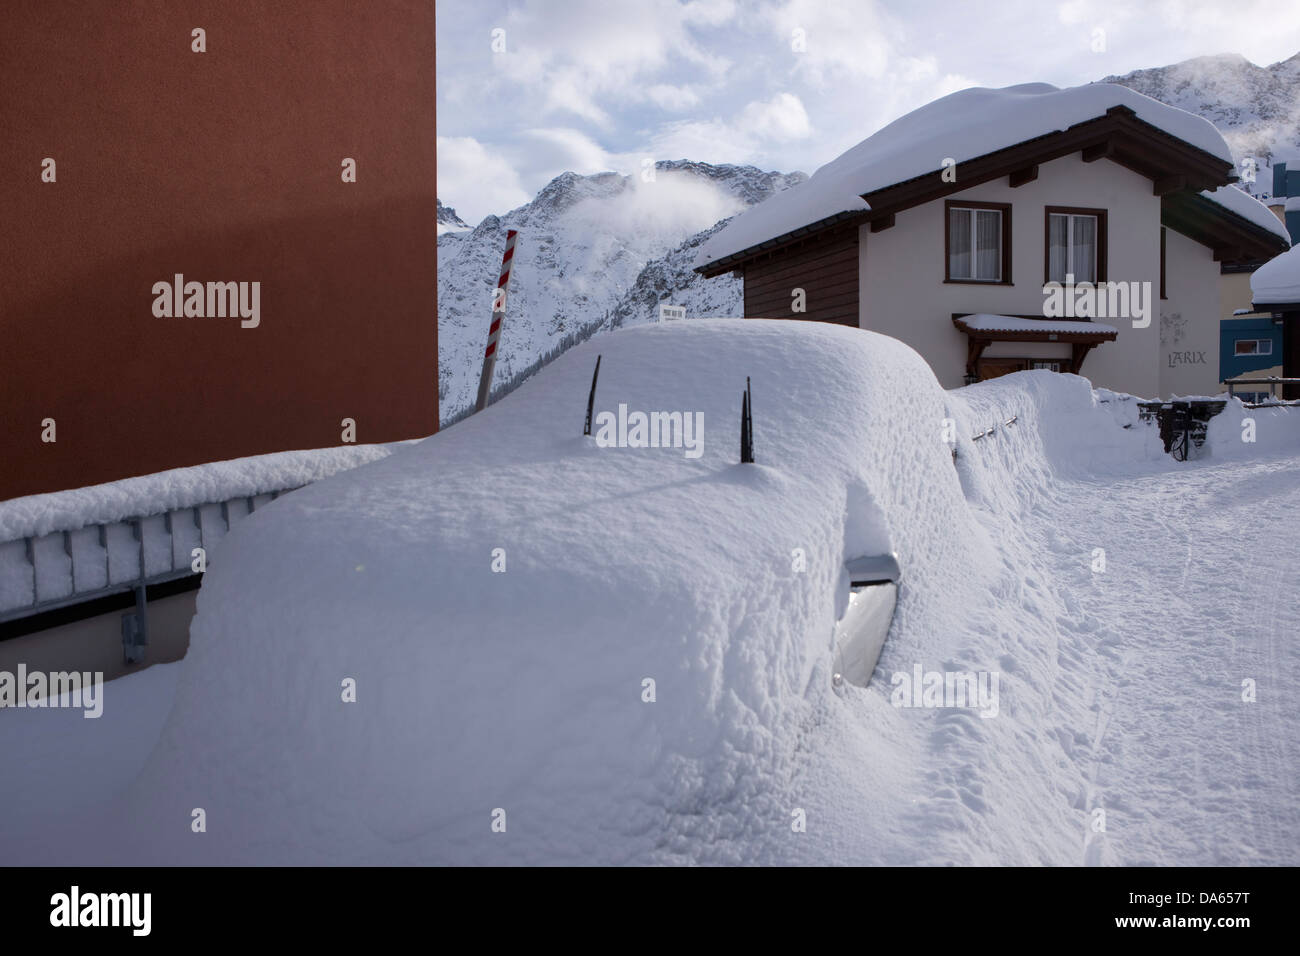 Snowbound, voiture, automobile, Arosa, montagne, montagne, hiver, canton, GR, Grisons, Grisons, neige, circulation, Photo Stock